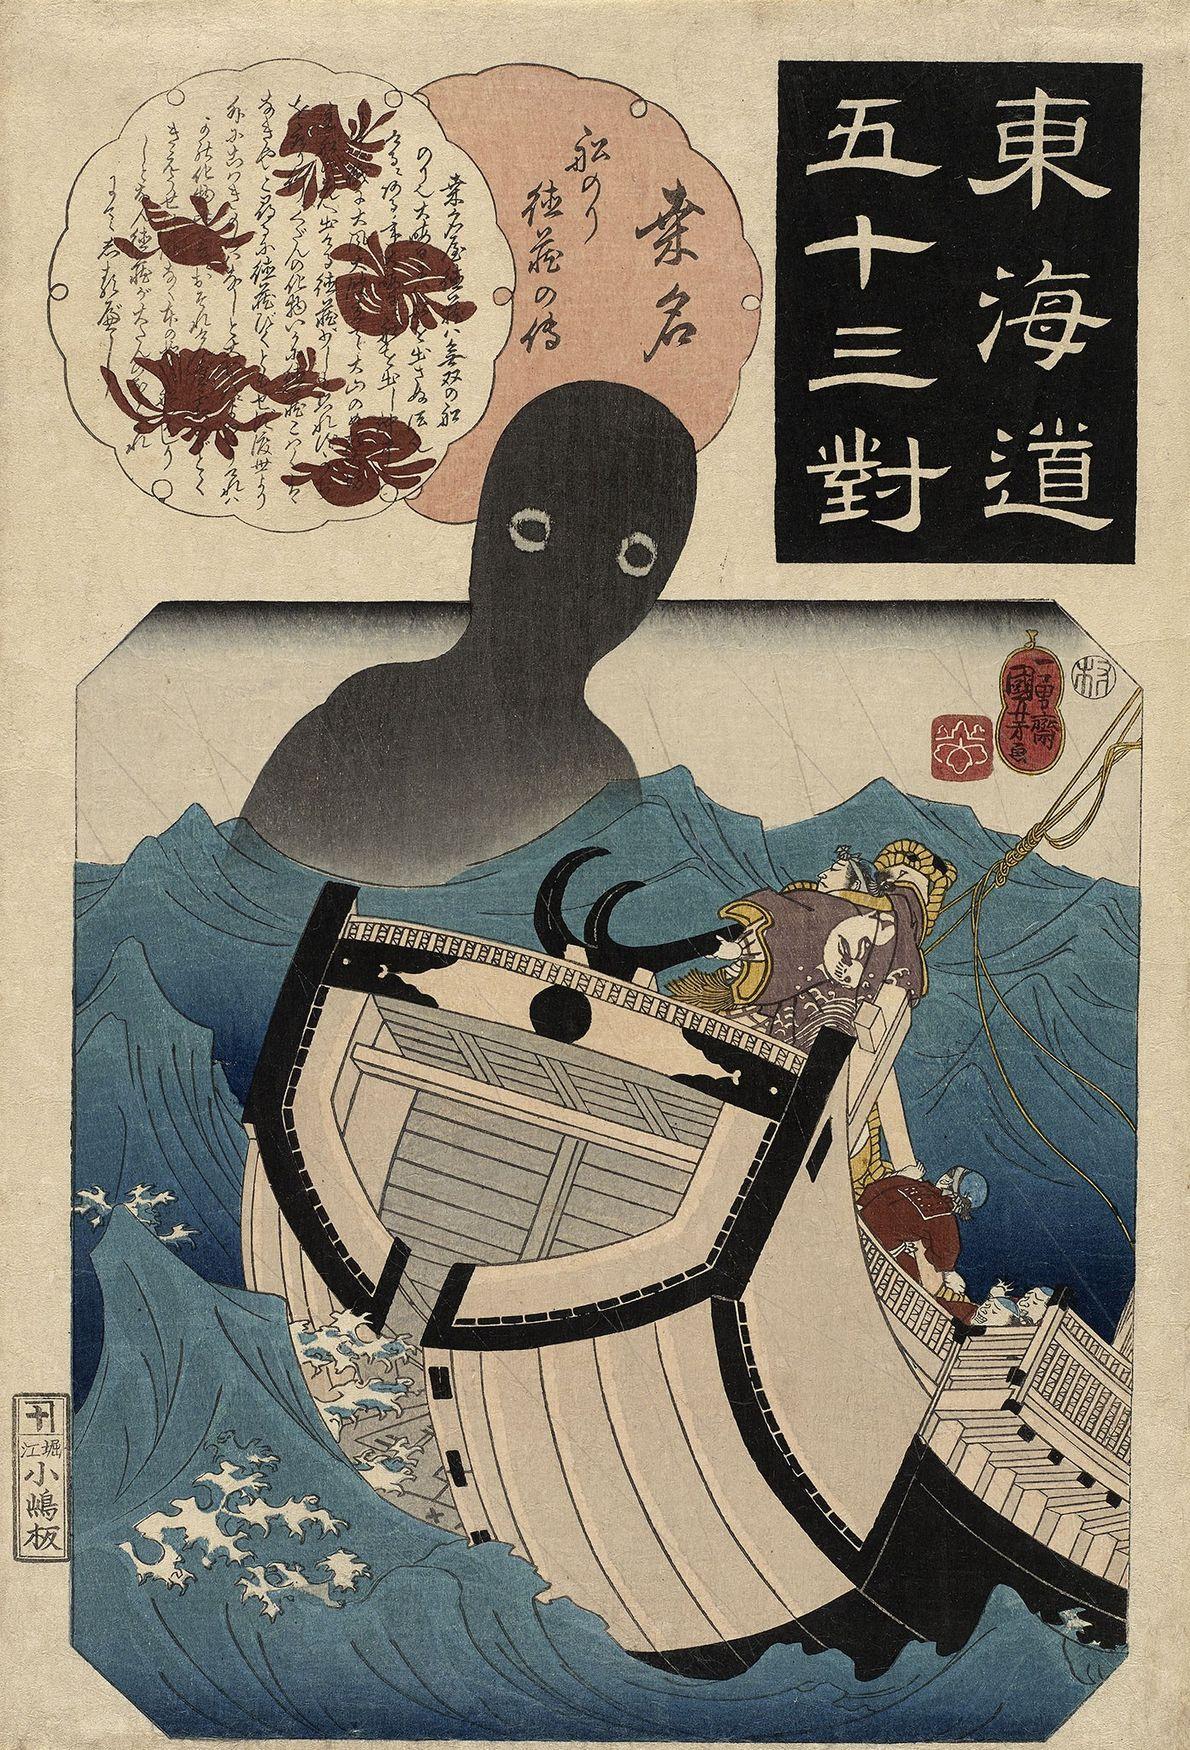 """Segundo a lenda japonesa, em noites calmas, um gigante sombrio chamado Umi bozu, ou """"monge do ..."""